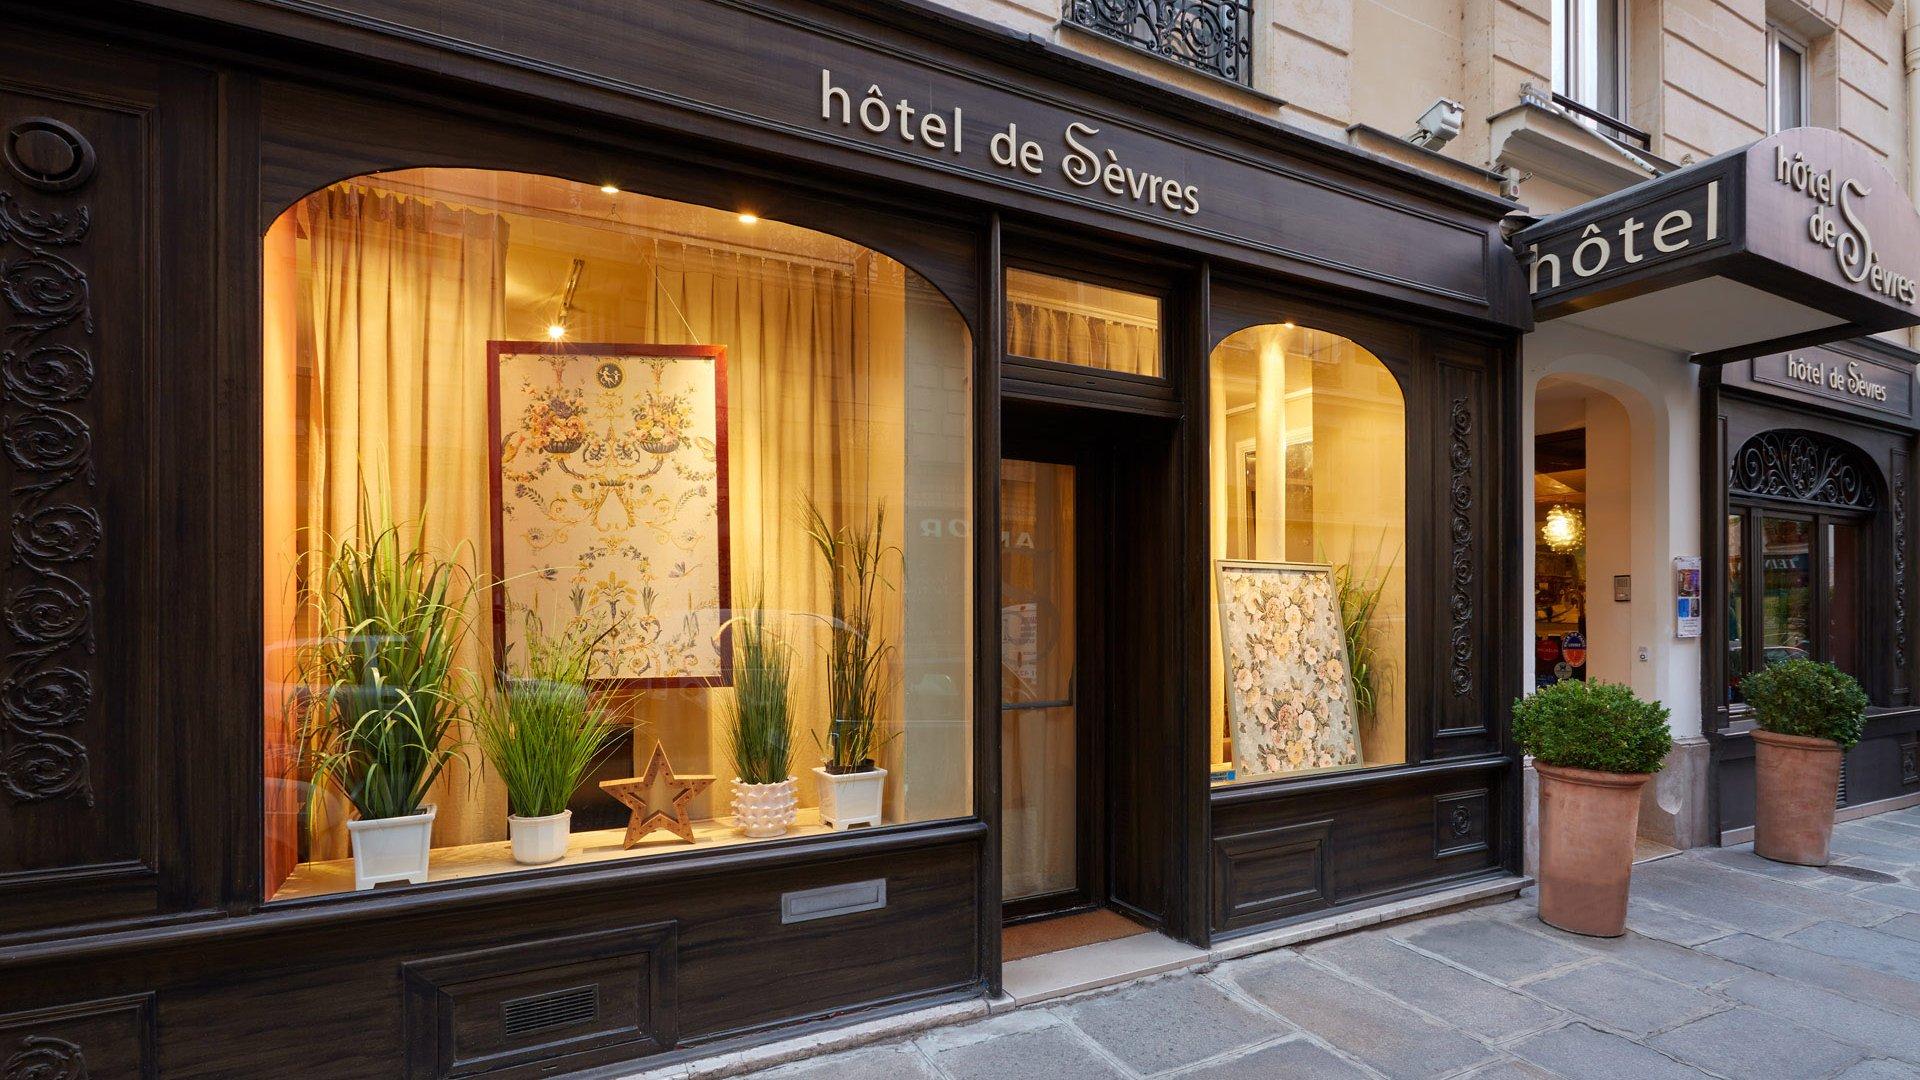 Hotel de Sèvres - Site officiel | Quartier Saint Germain - Paris on